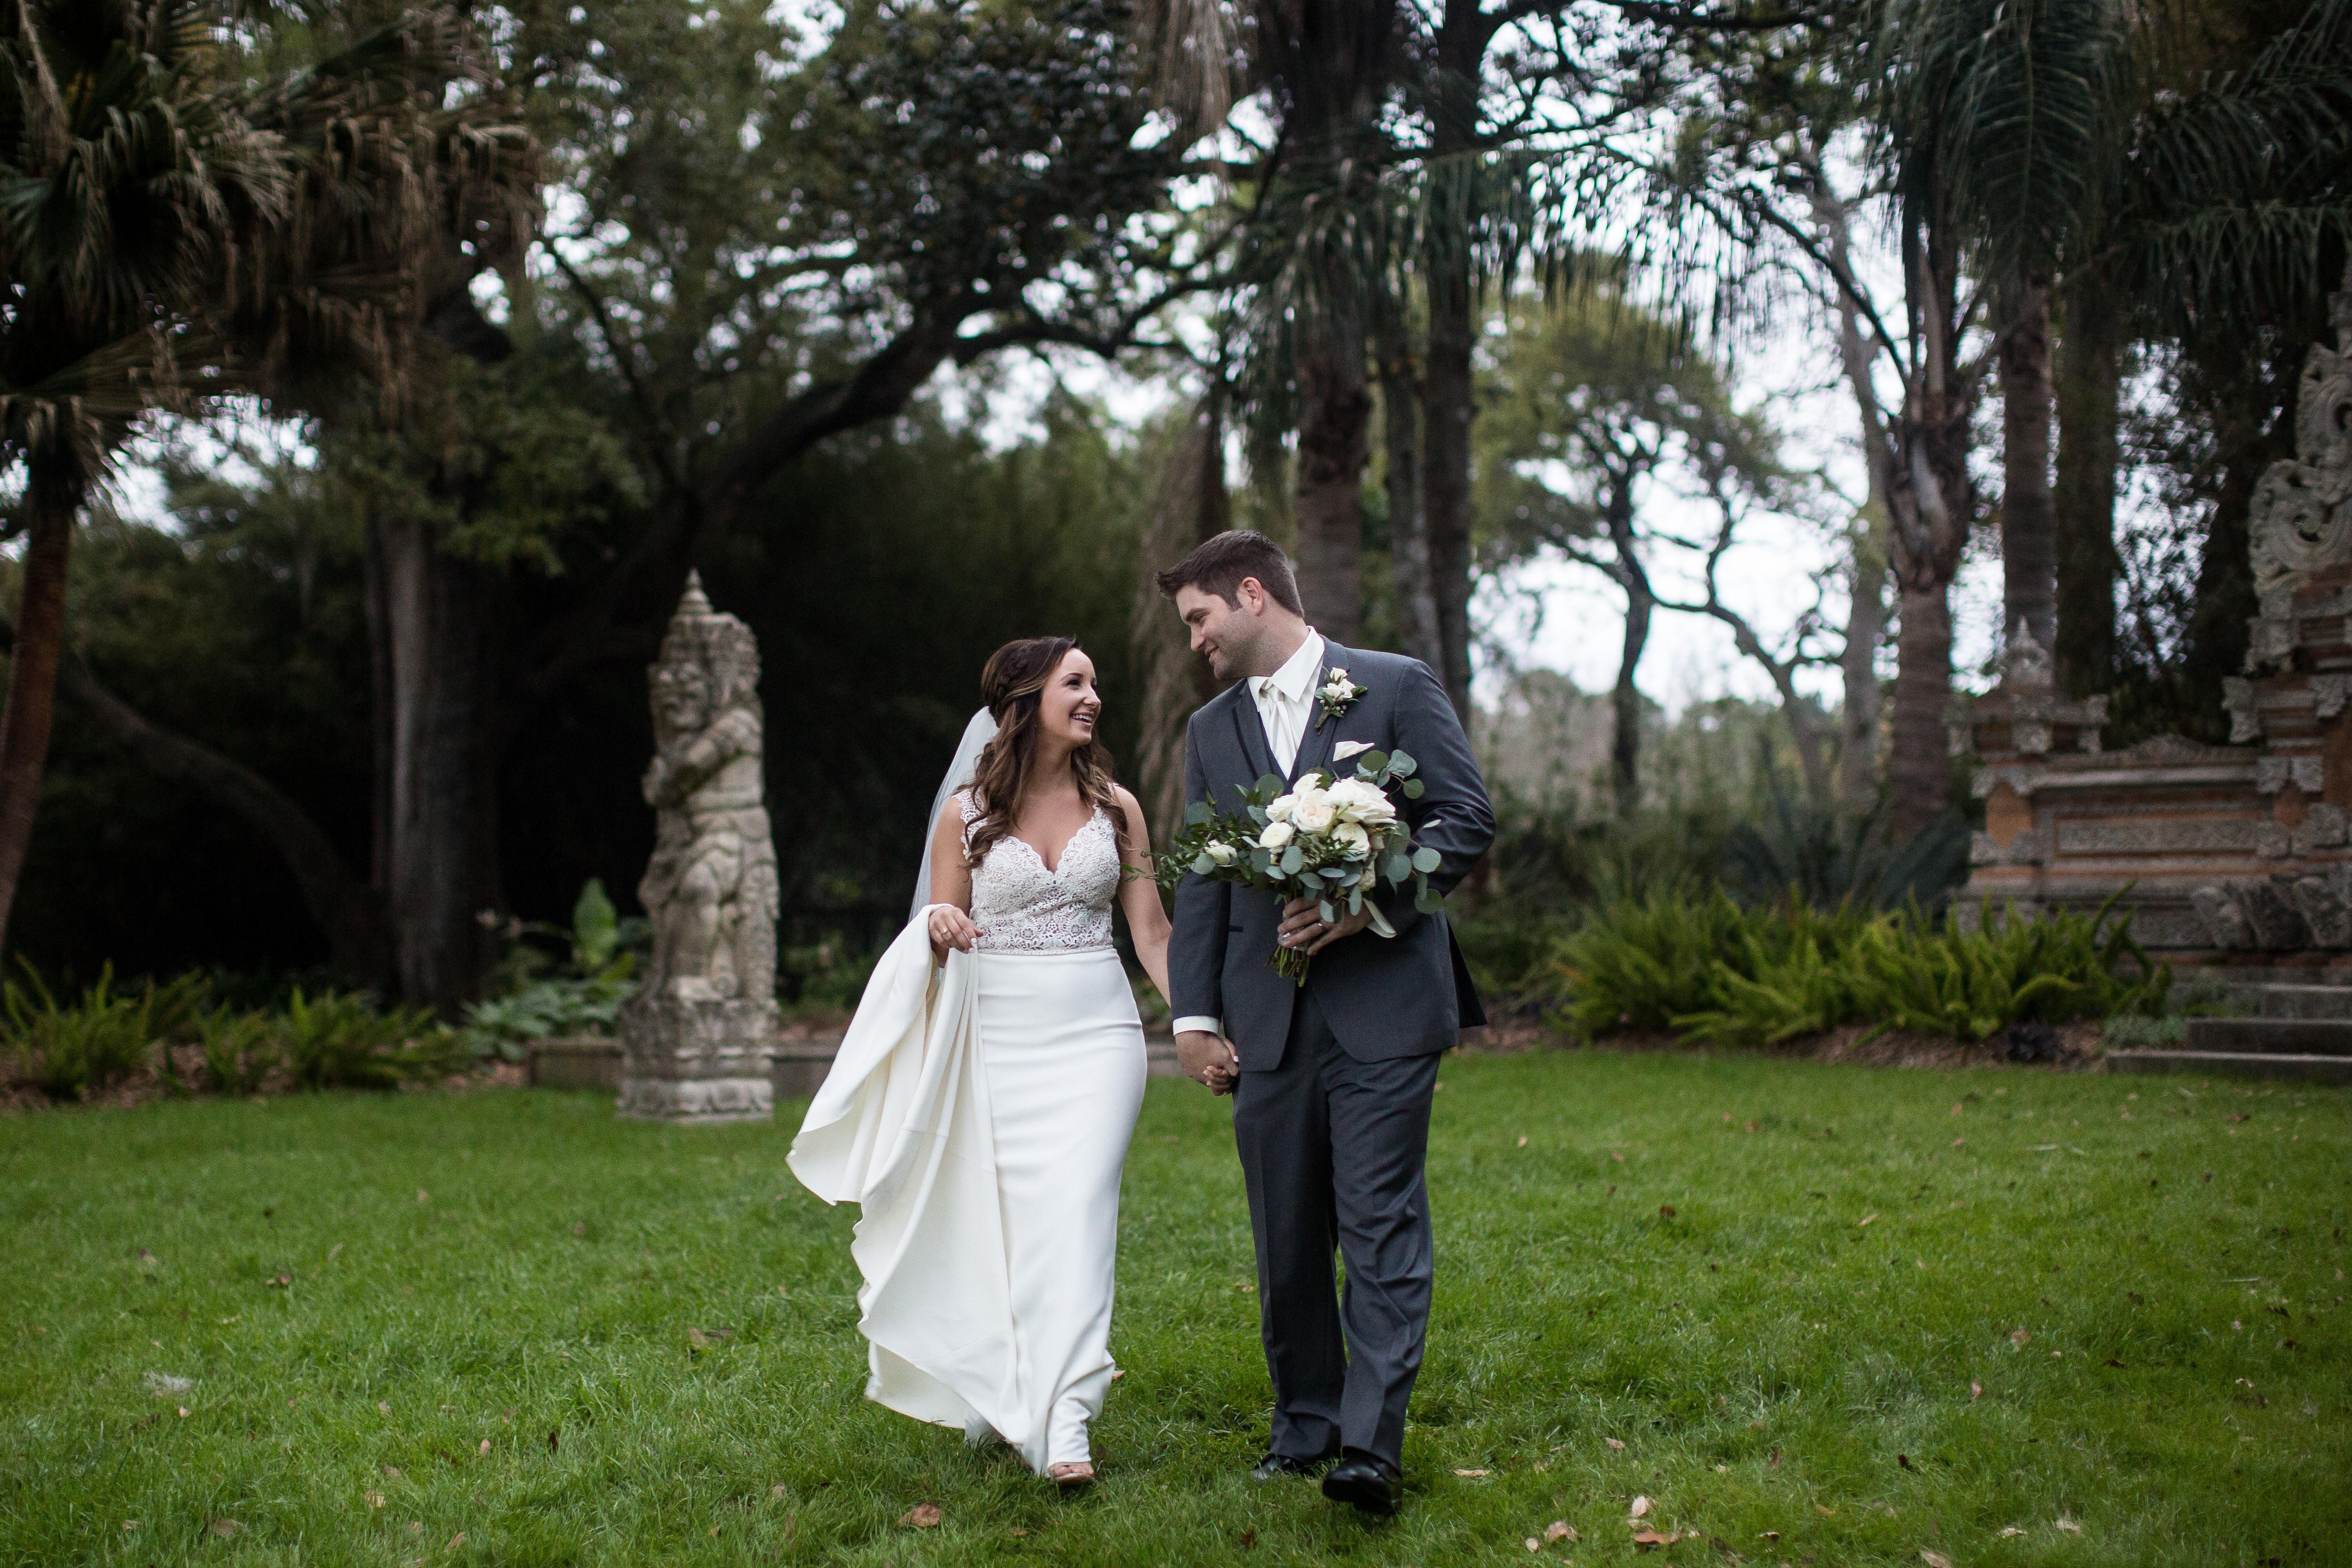 Felterman Wedding - Rip Van Winkle Gardens